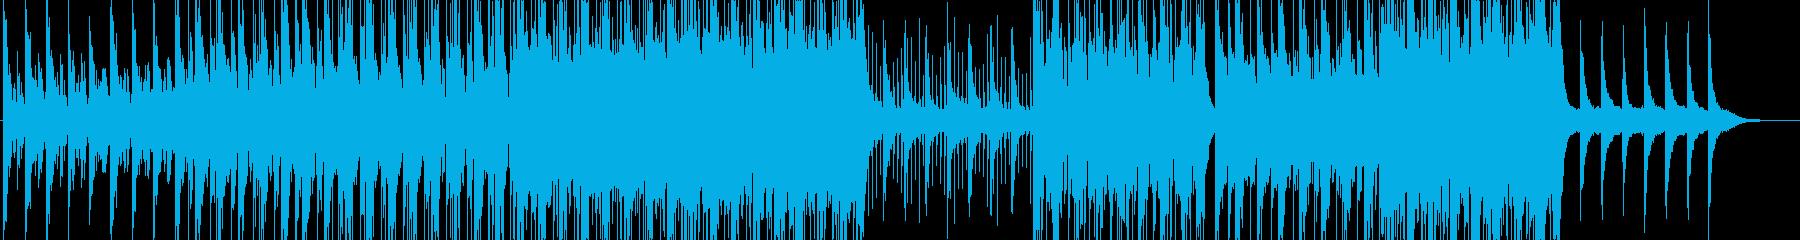 動画-PV-GoPro-SF-エレクトロの再生済みの波形